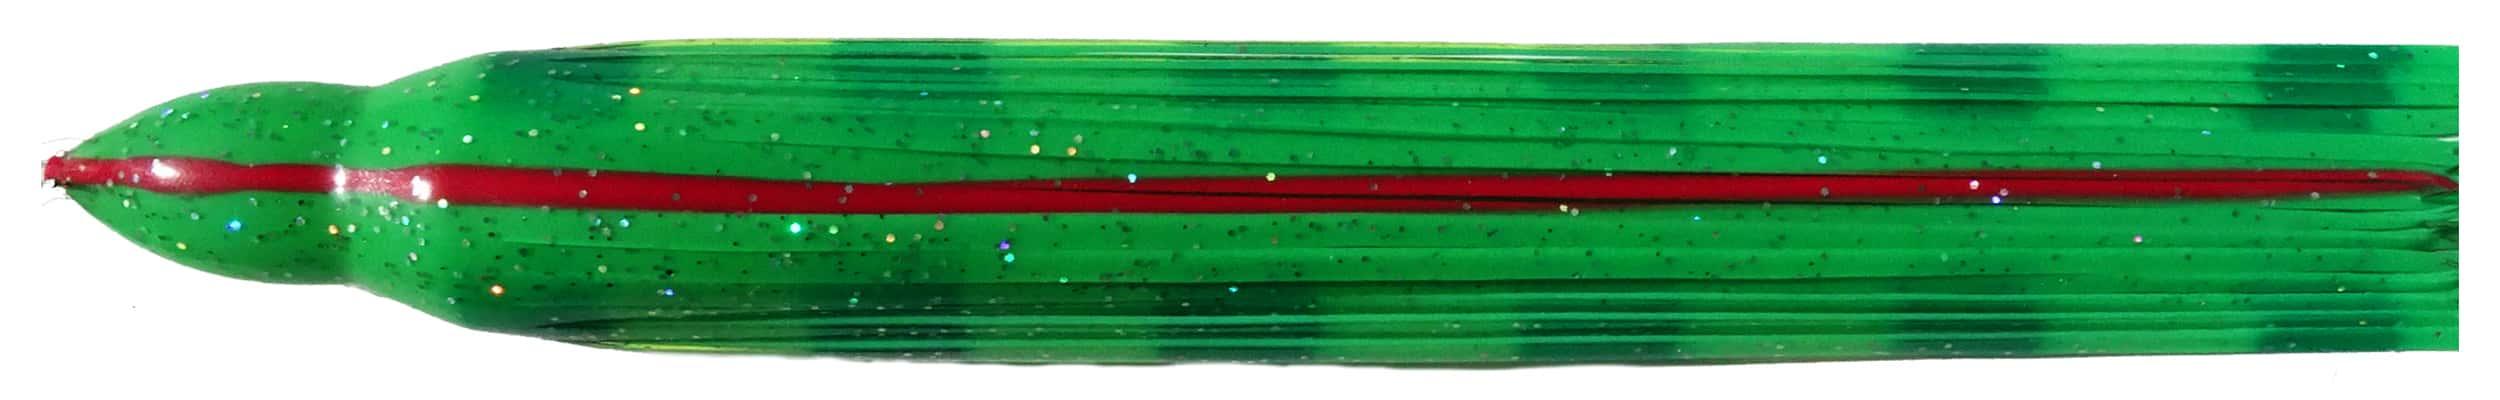 TLS33 - Evergreen